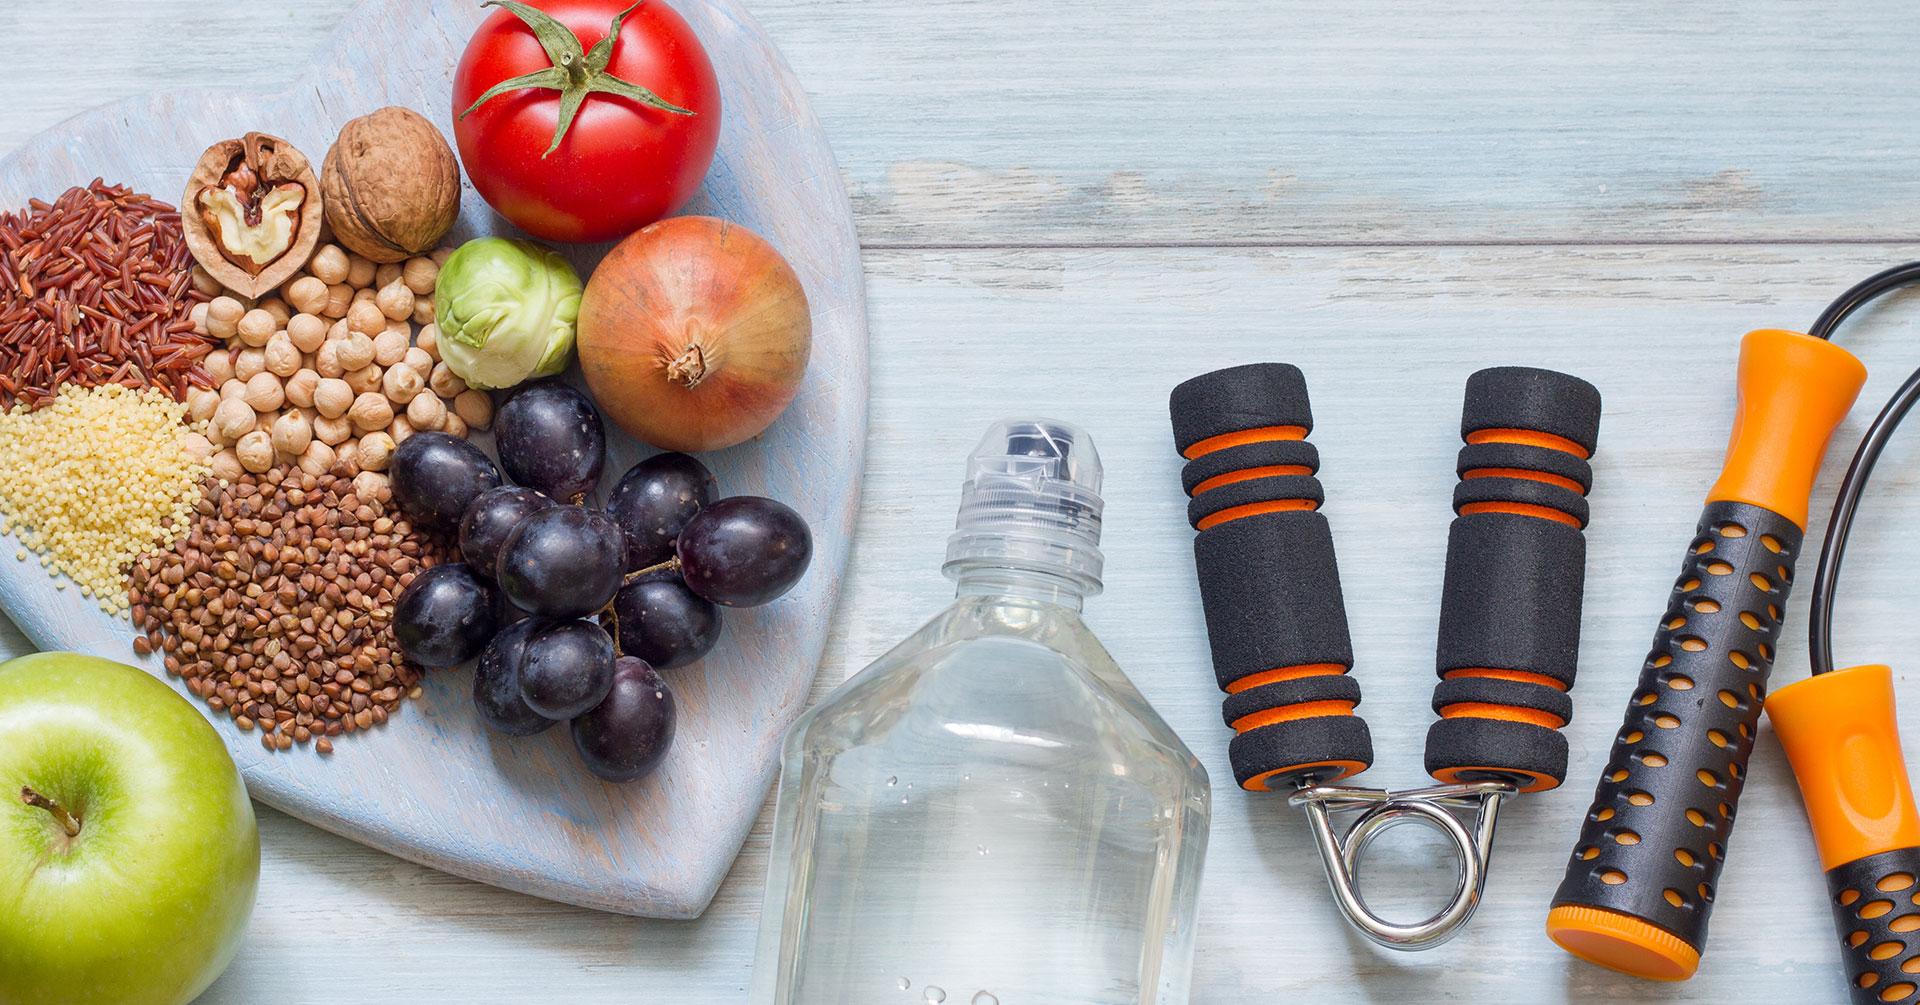 Los sencillos hábitos saludables que mejorarán tu calidad de vida